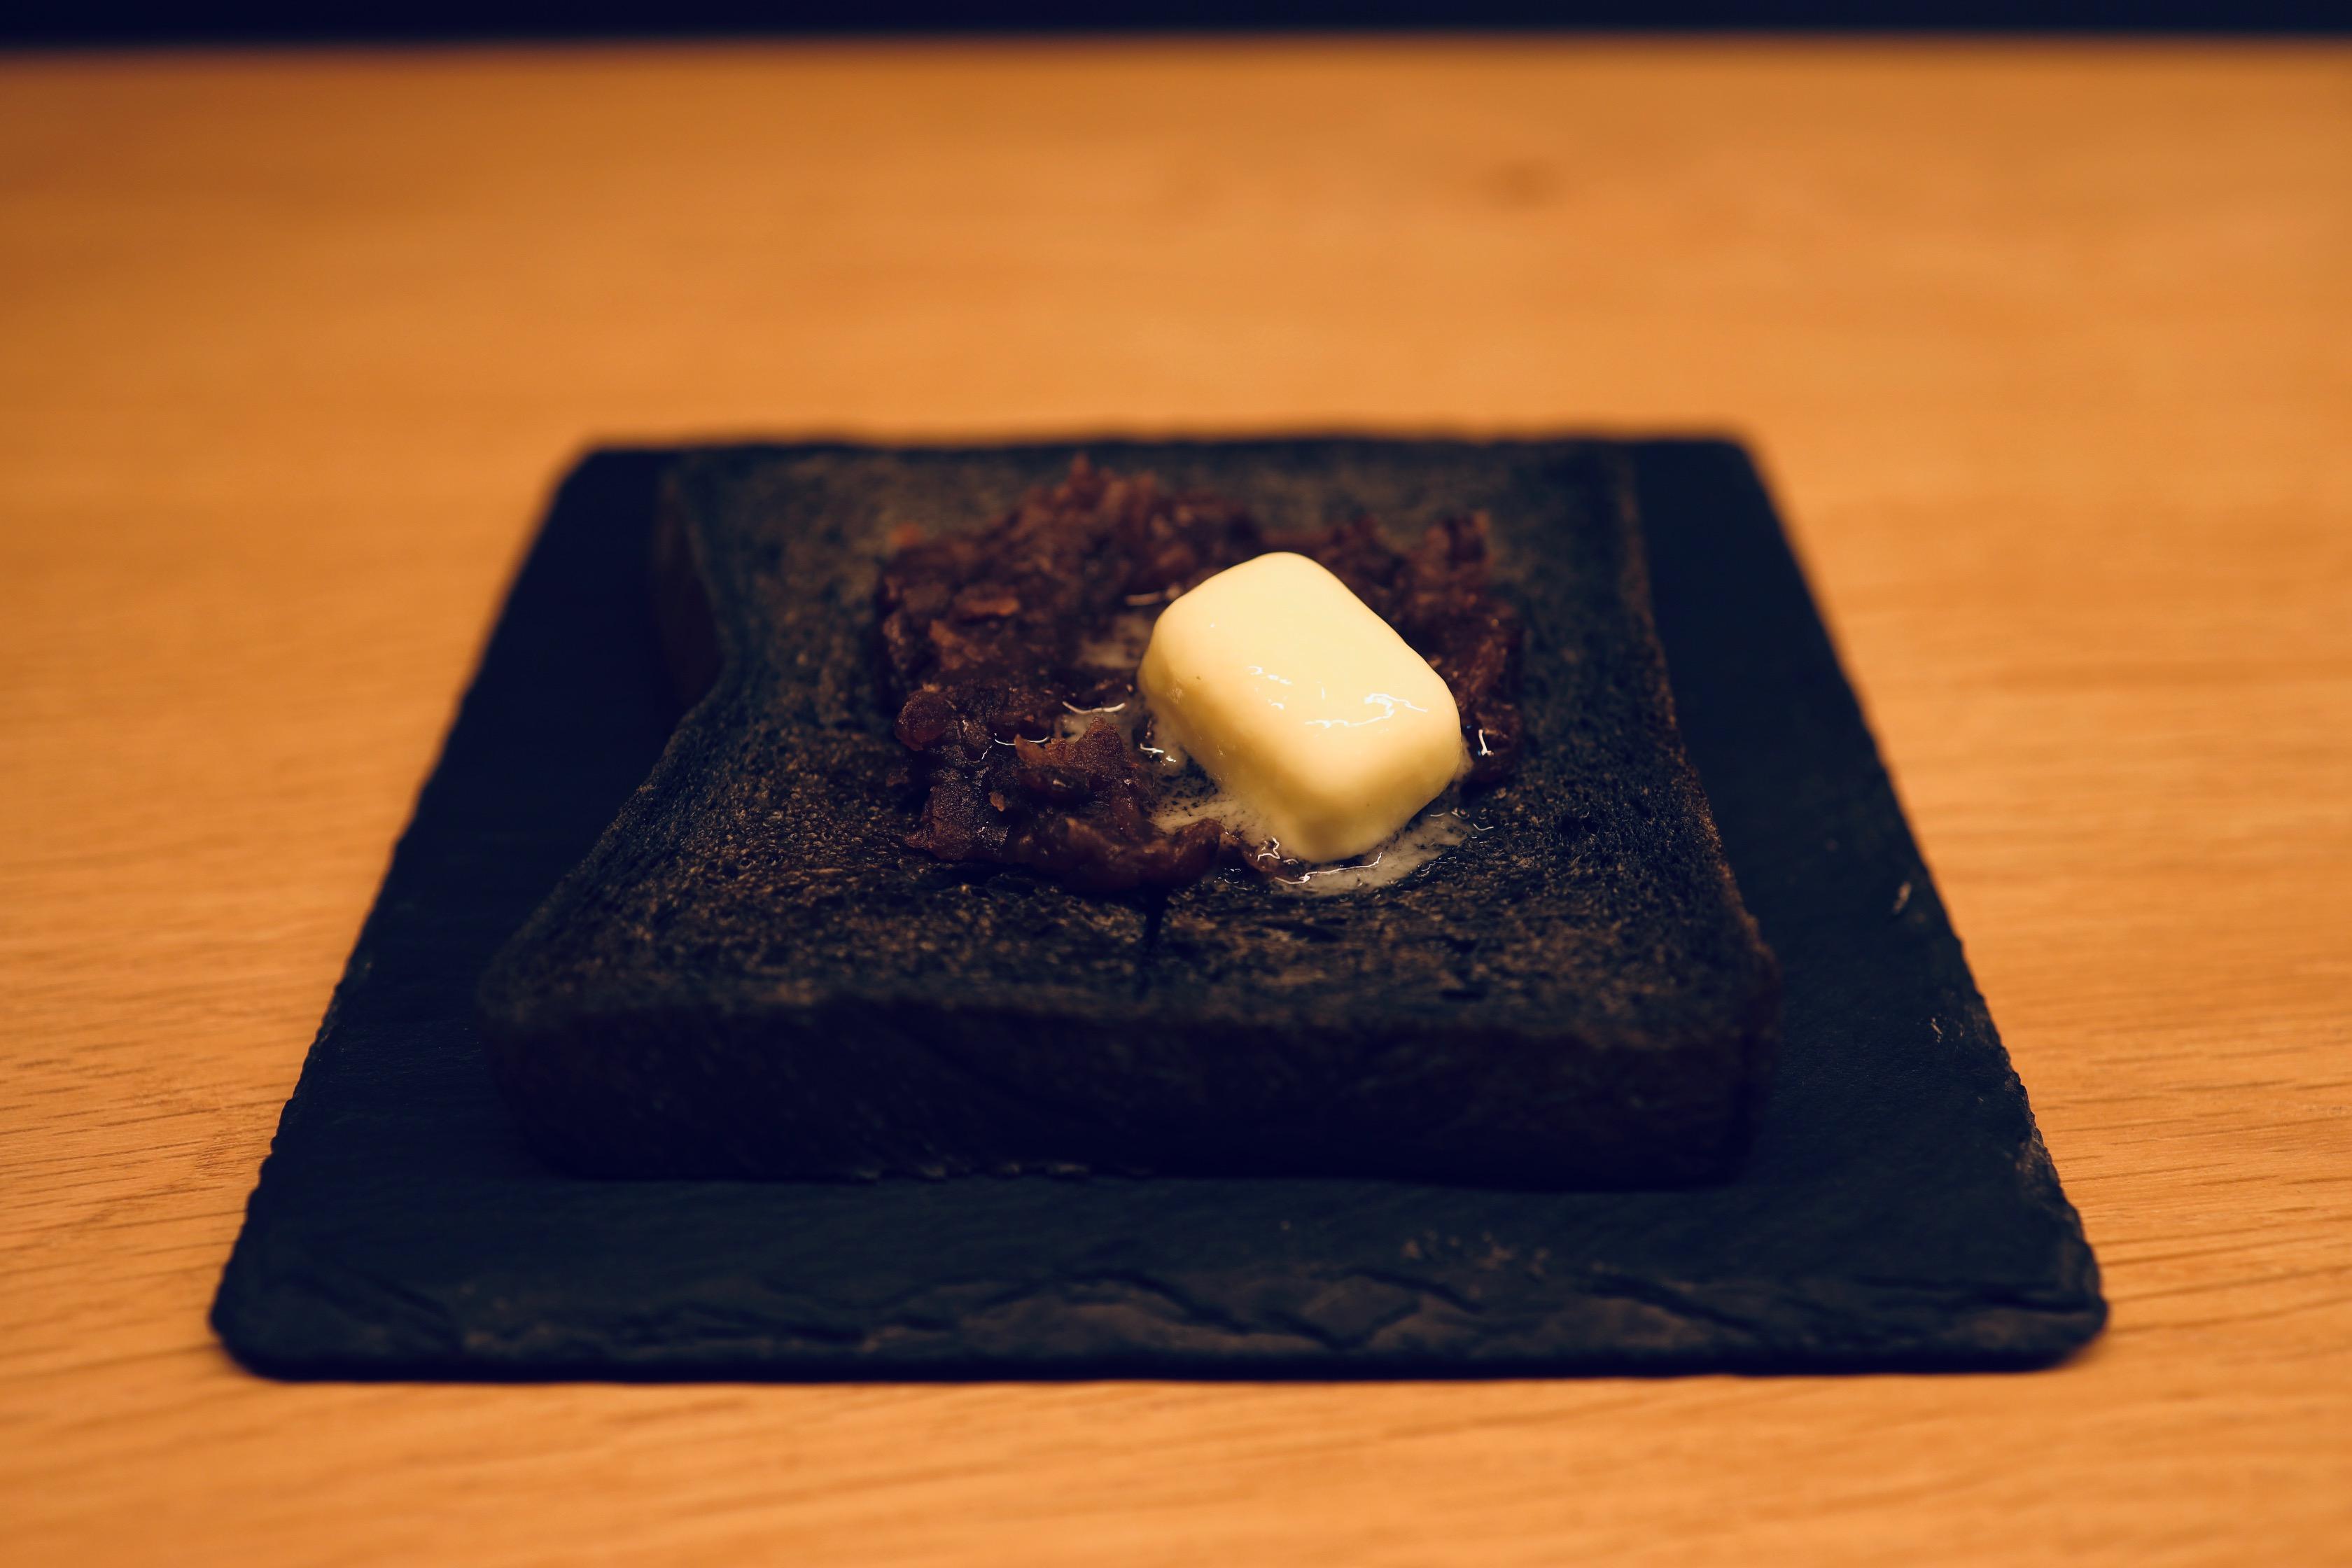 %e9%bb%92%e3%81%84%e3%81%82%e3%82%93%e3%83%90%e3%82%bf%e3%83%bc%e3%83%88%e3%83%bc%e3%82%b9%e3%83%88-black-bean-butter-toast